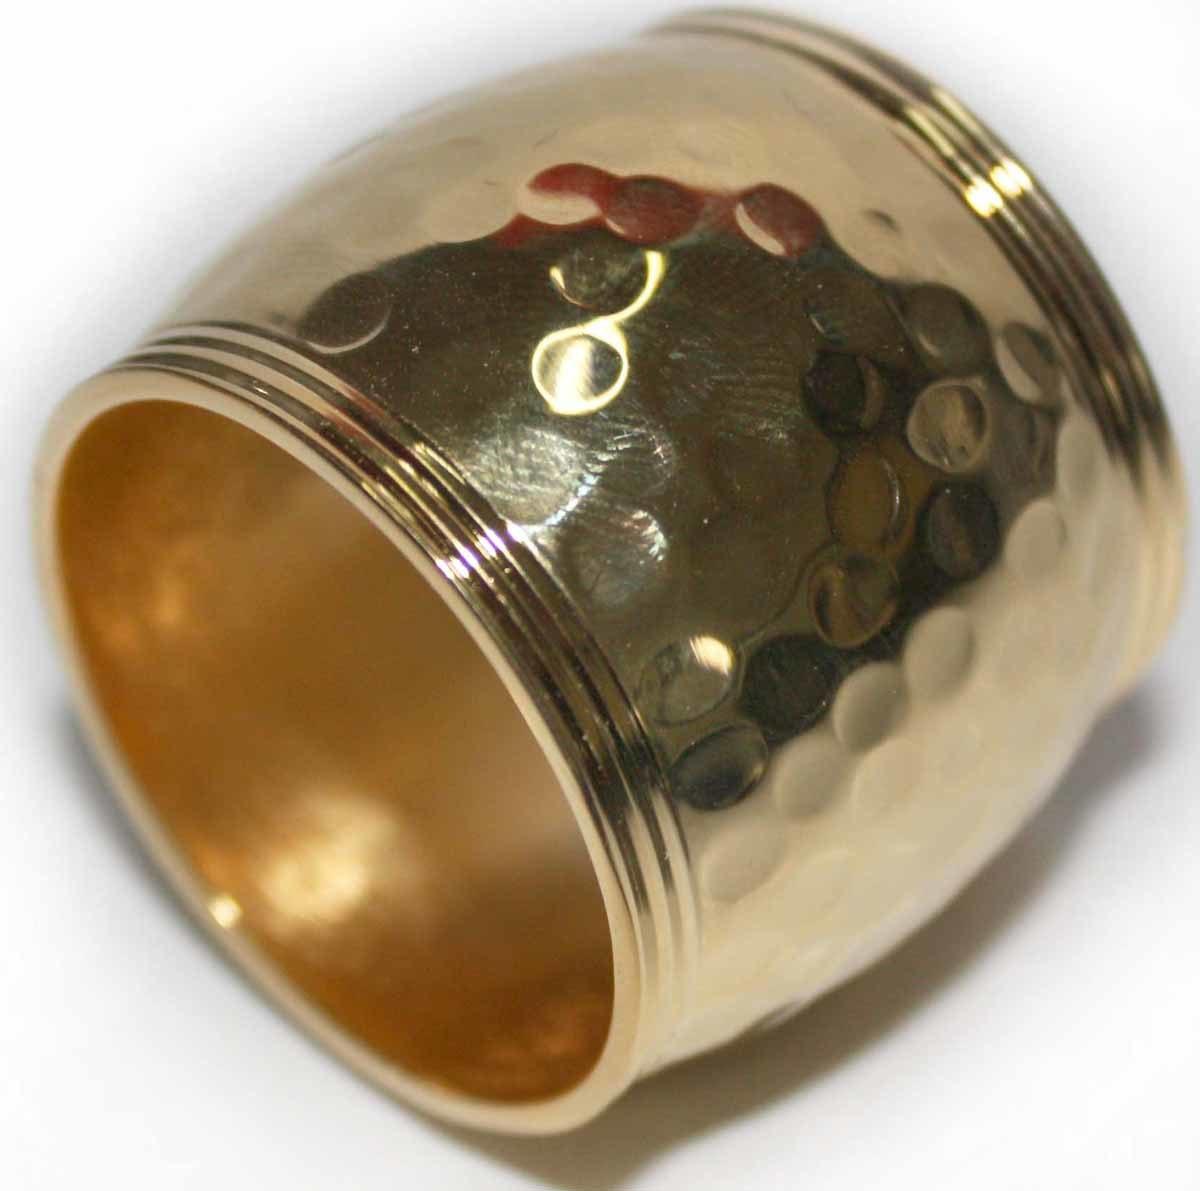 China Napkin Ring - 1 - China Napkin Ring, Gold Napkin Ring